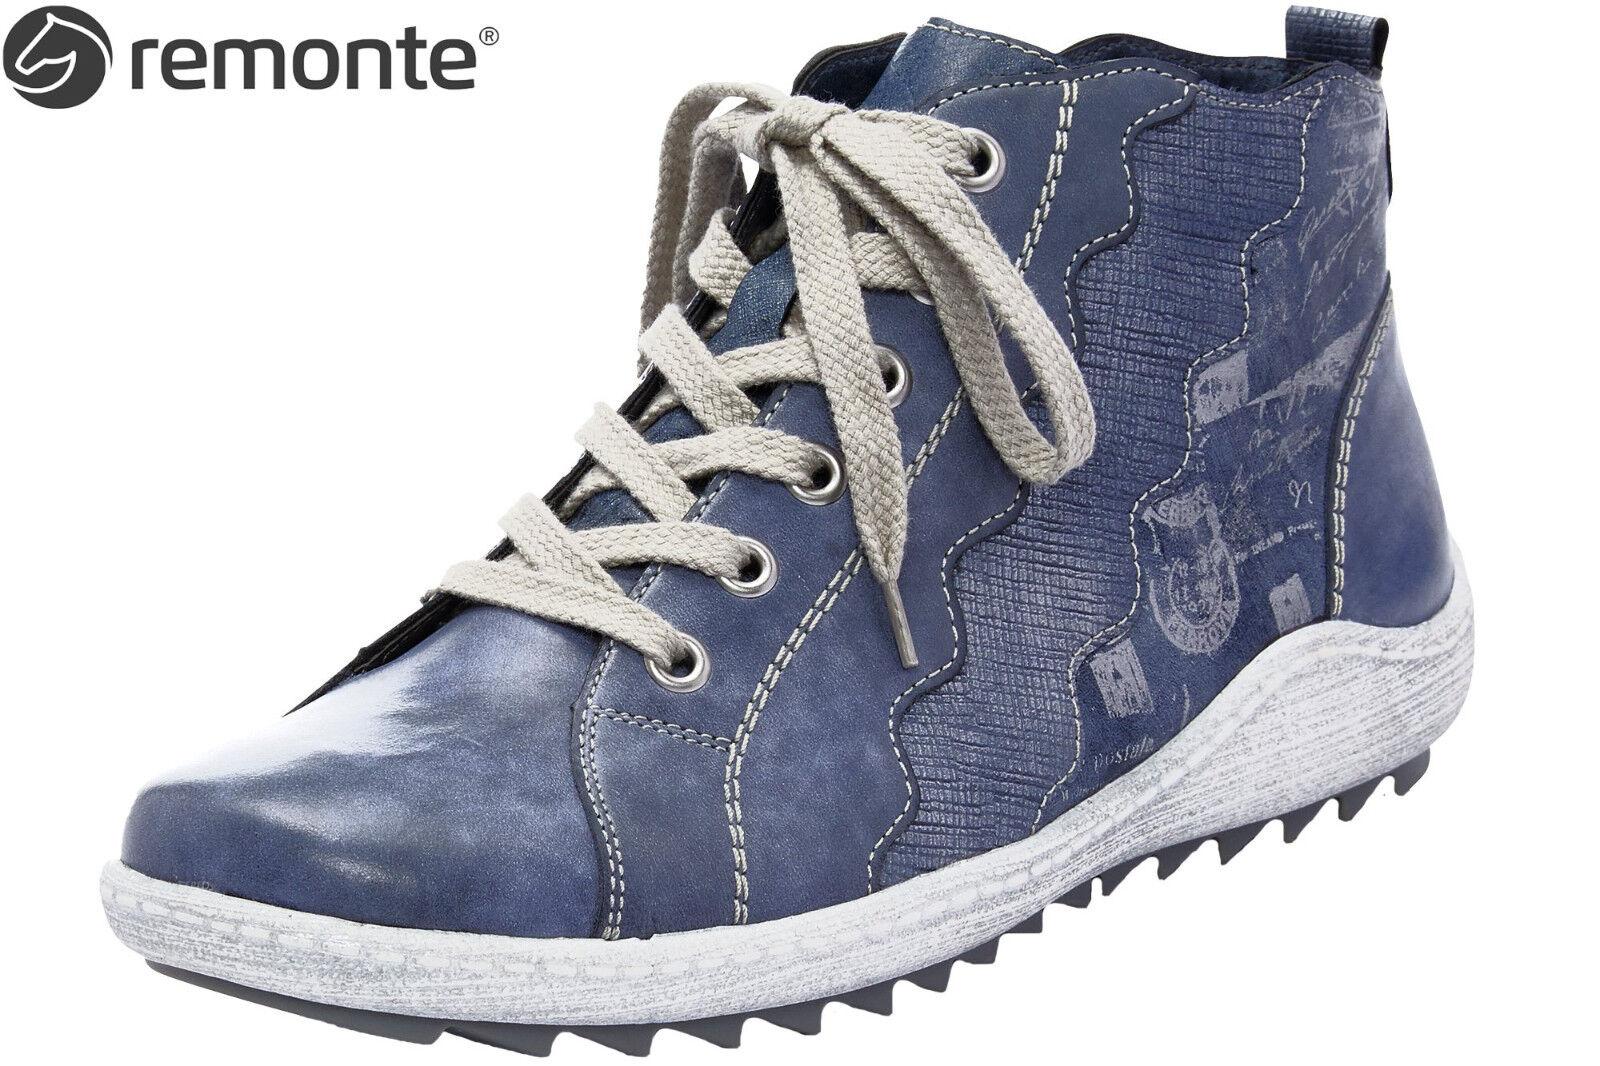 Leder Blau R1474 15 Schuhe Damen Remonte High Turnschuhe NEU